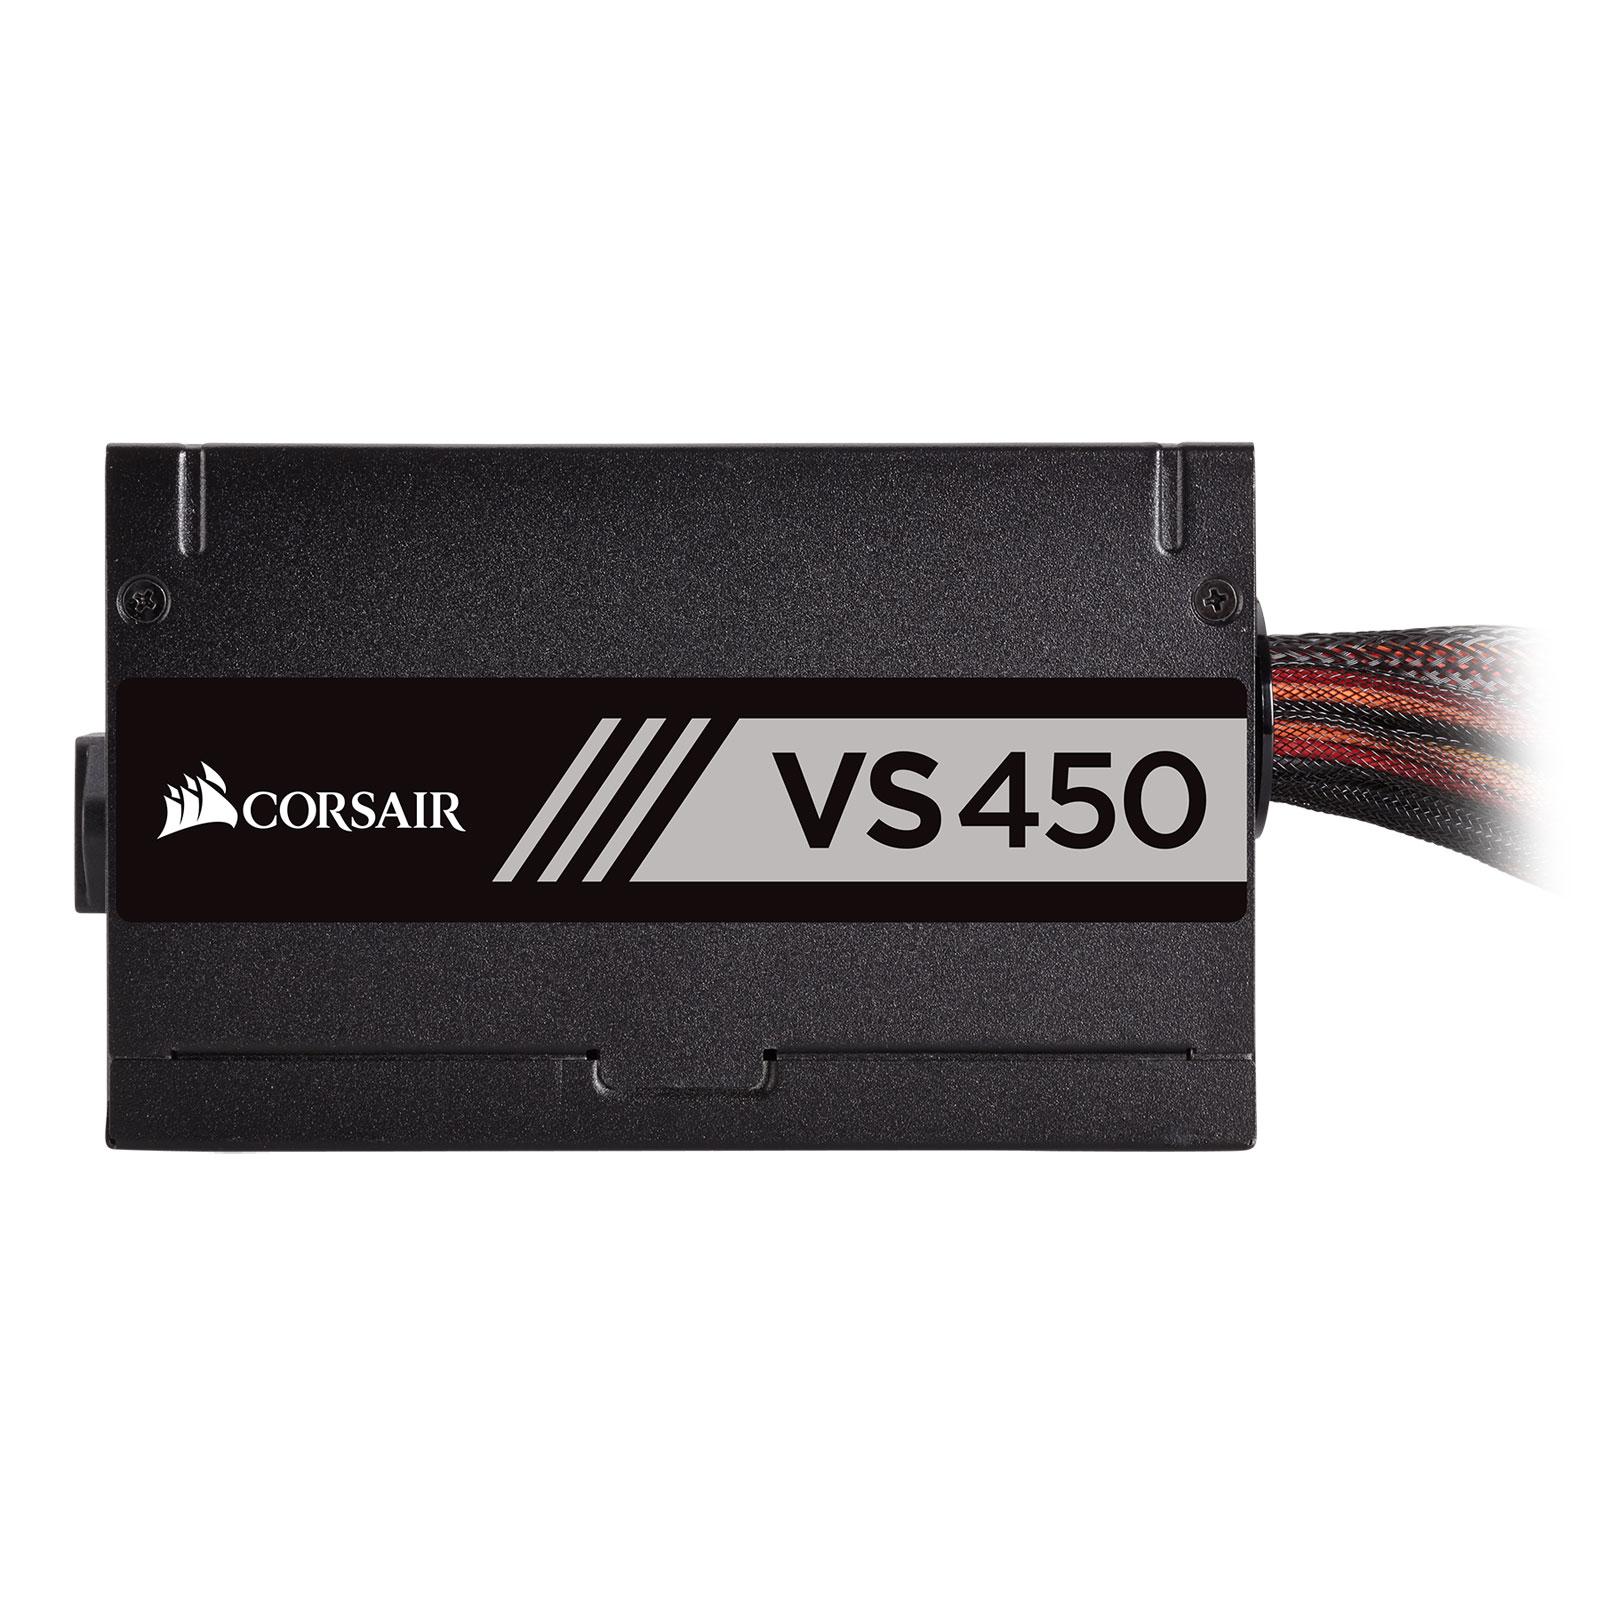 Corsair VS450 80+ (450W) - Alimentation Corsair - Cybertek.fr - 3